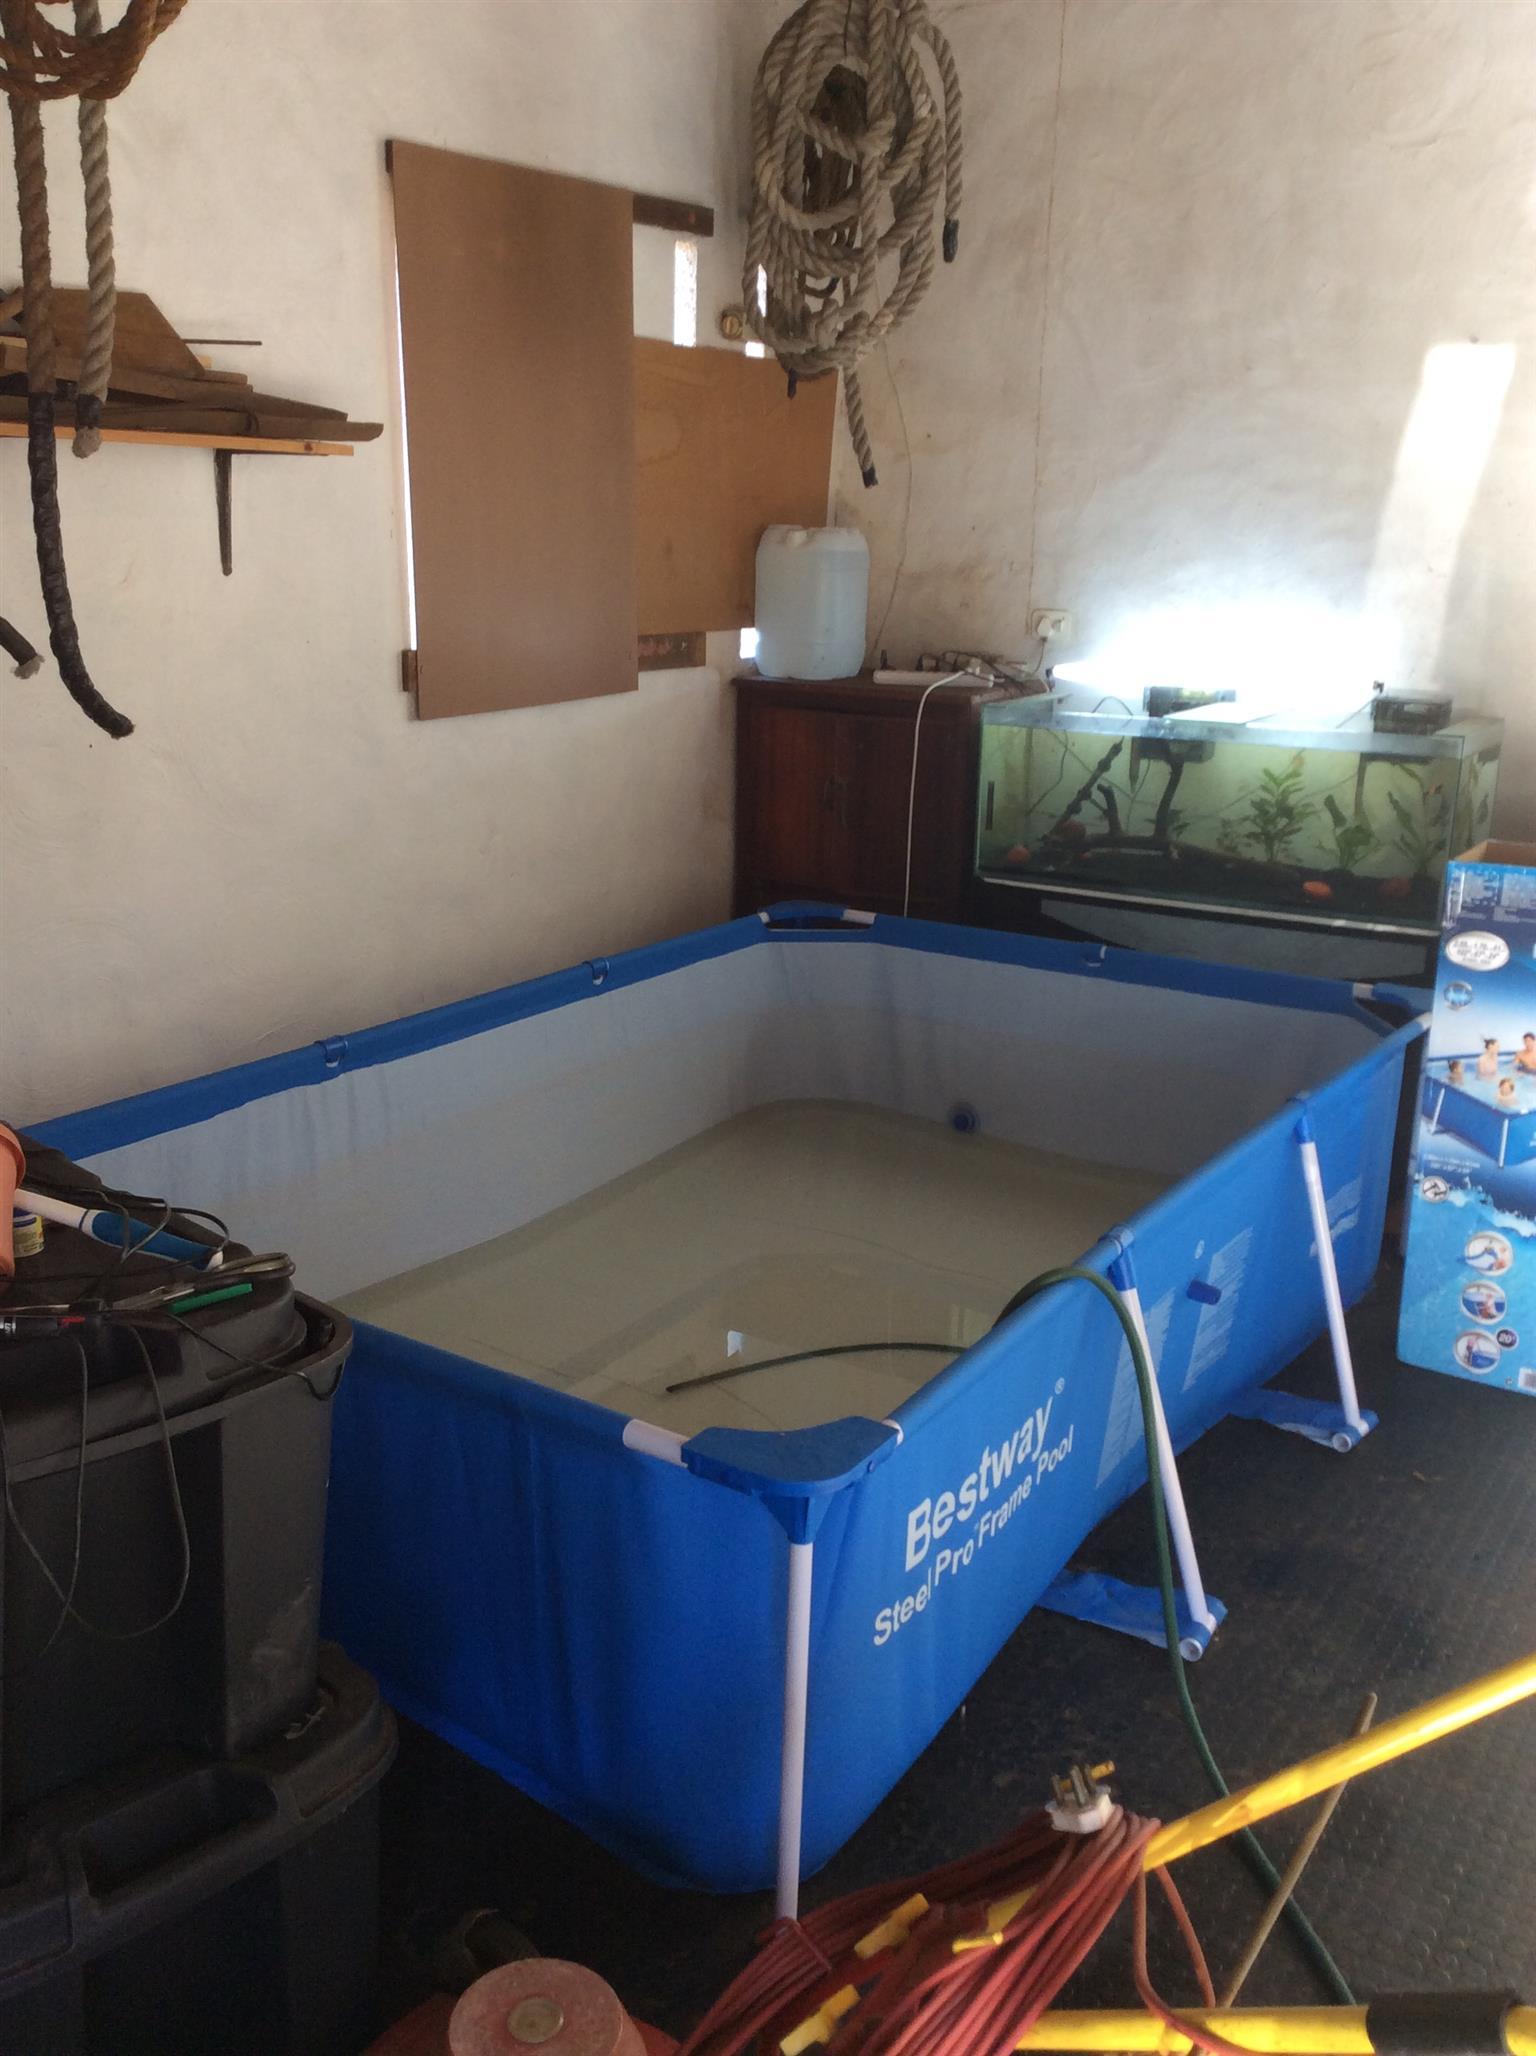 Portable pool steel frame bestway junk mail for Bestway portable pool